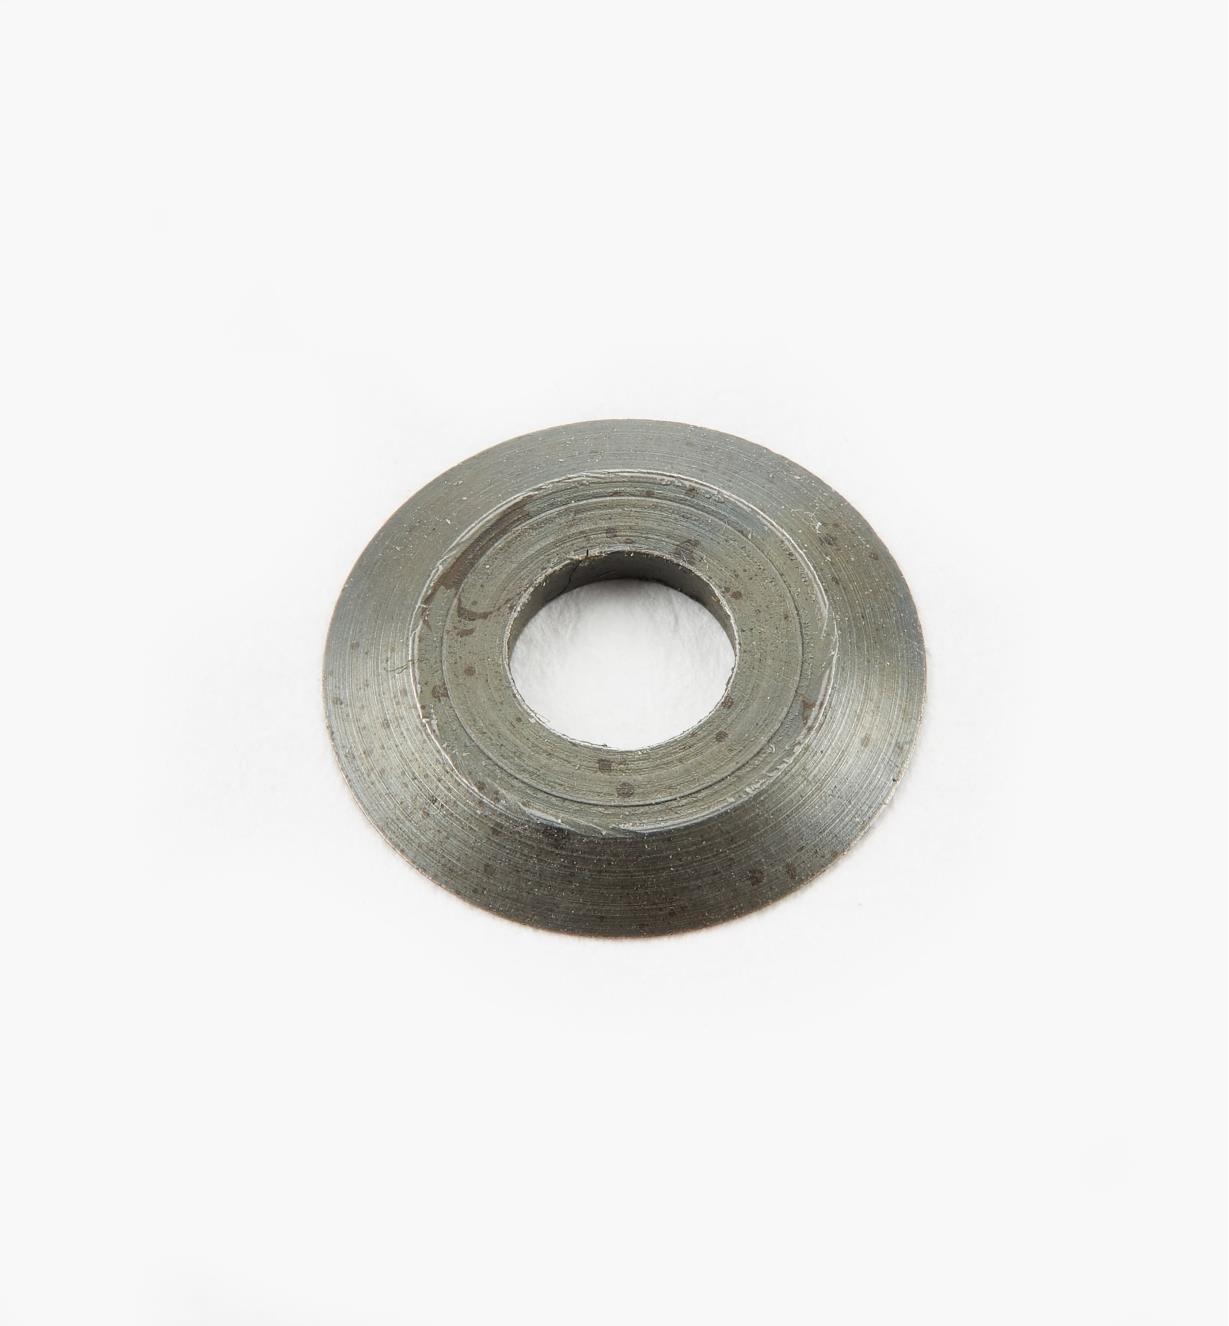 05N3302 - Repl. wheel, Standard Gauges